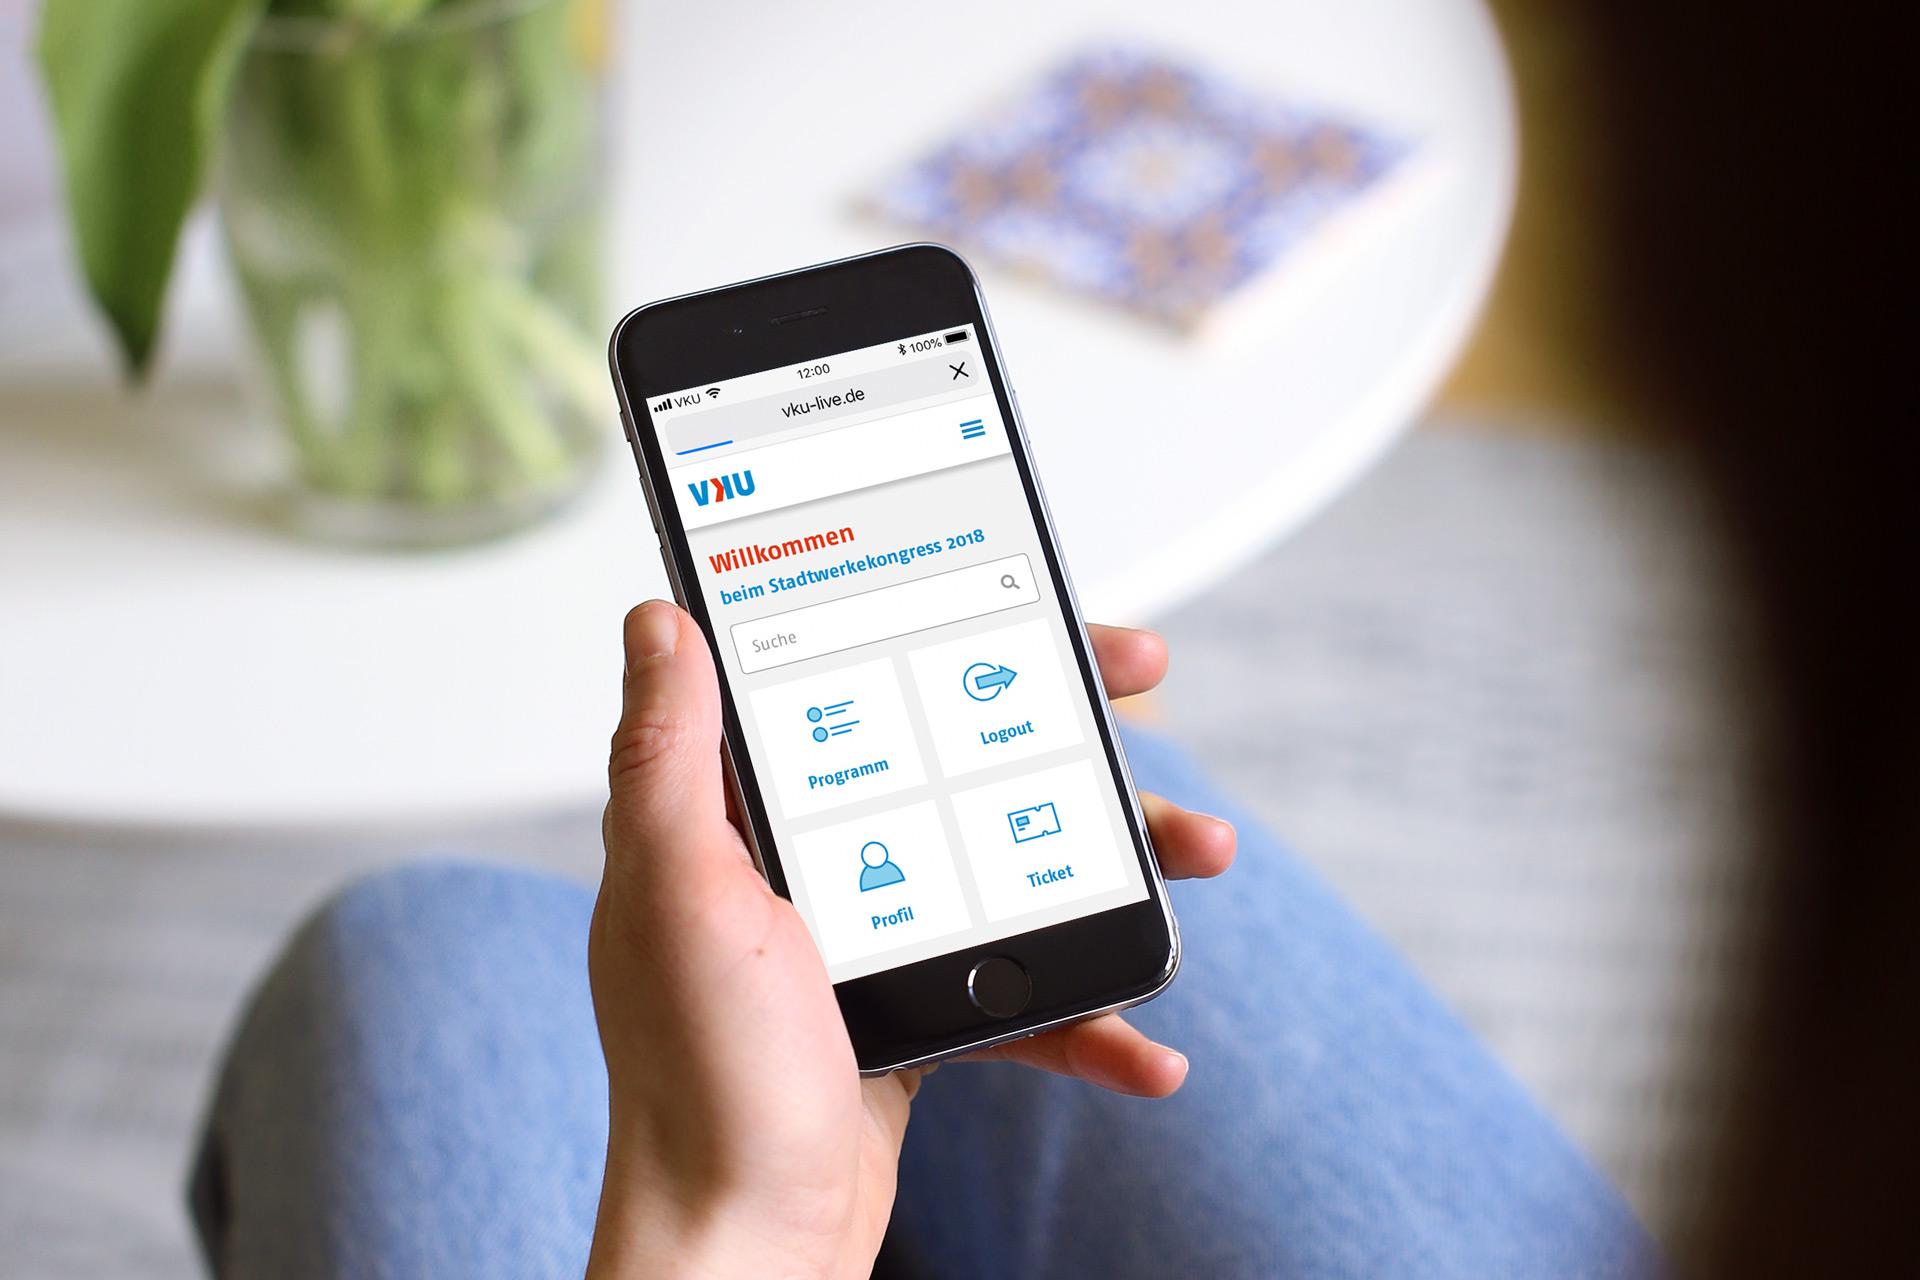 VKU Tagungsapp – Dashboard auf dem Smartphone